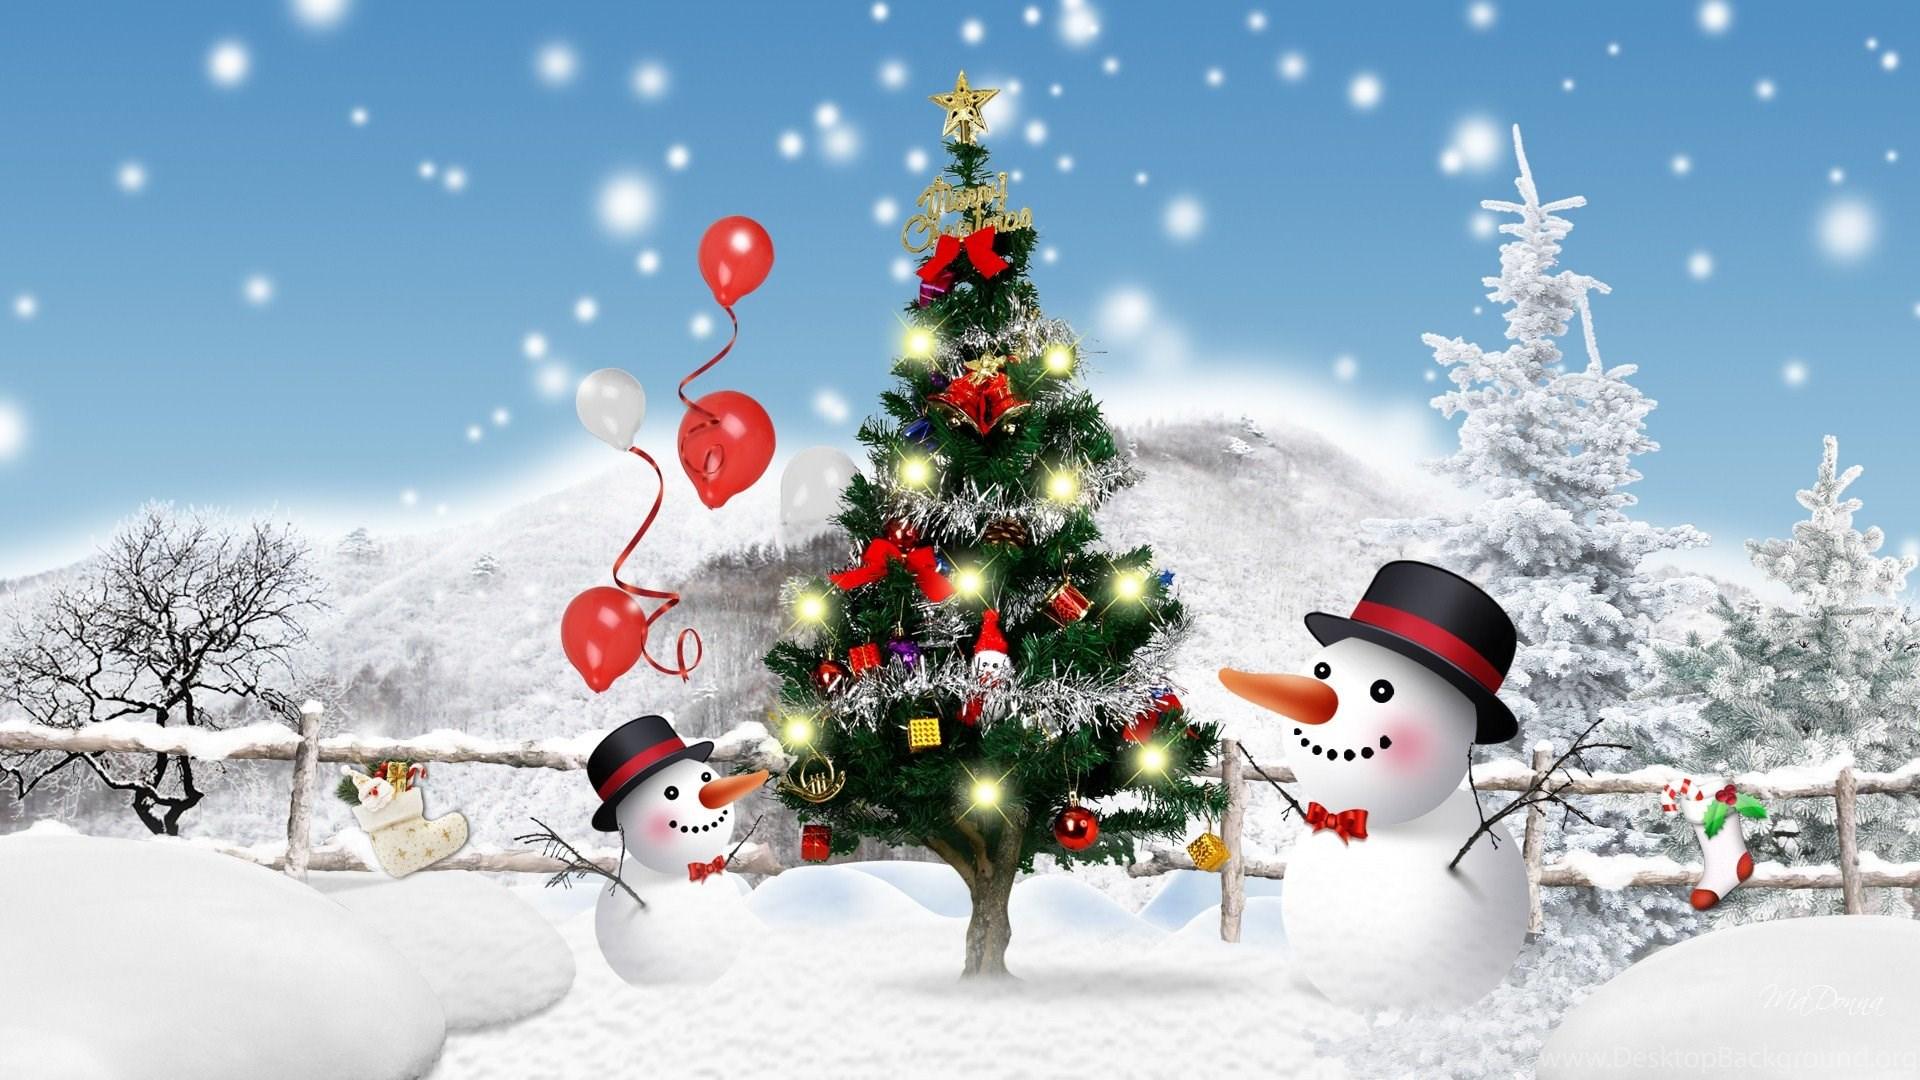 Christmas Wallpaper Background.3d Christmas Wallpaper Backgrounds Best Hd Desktop